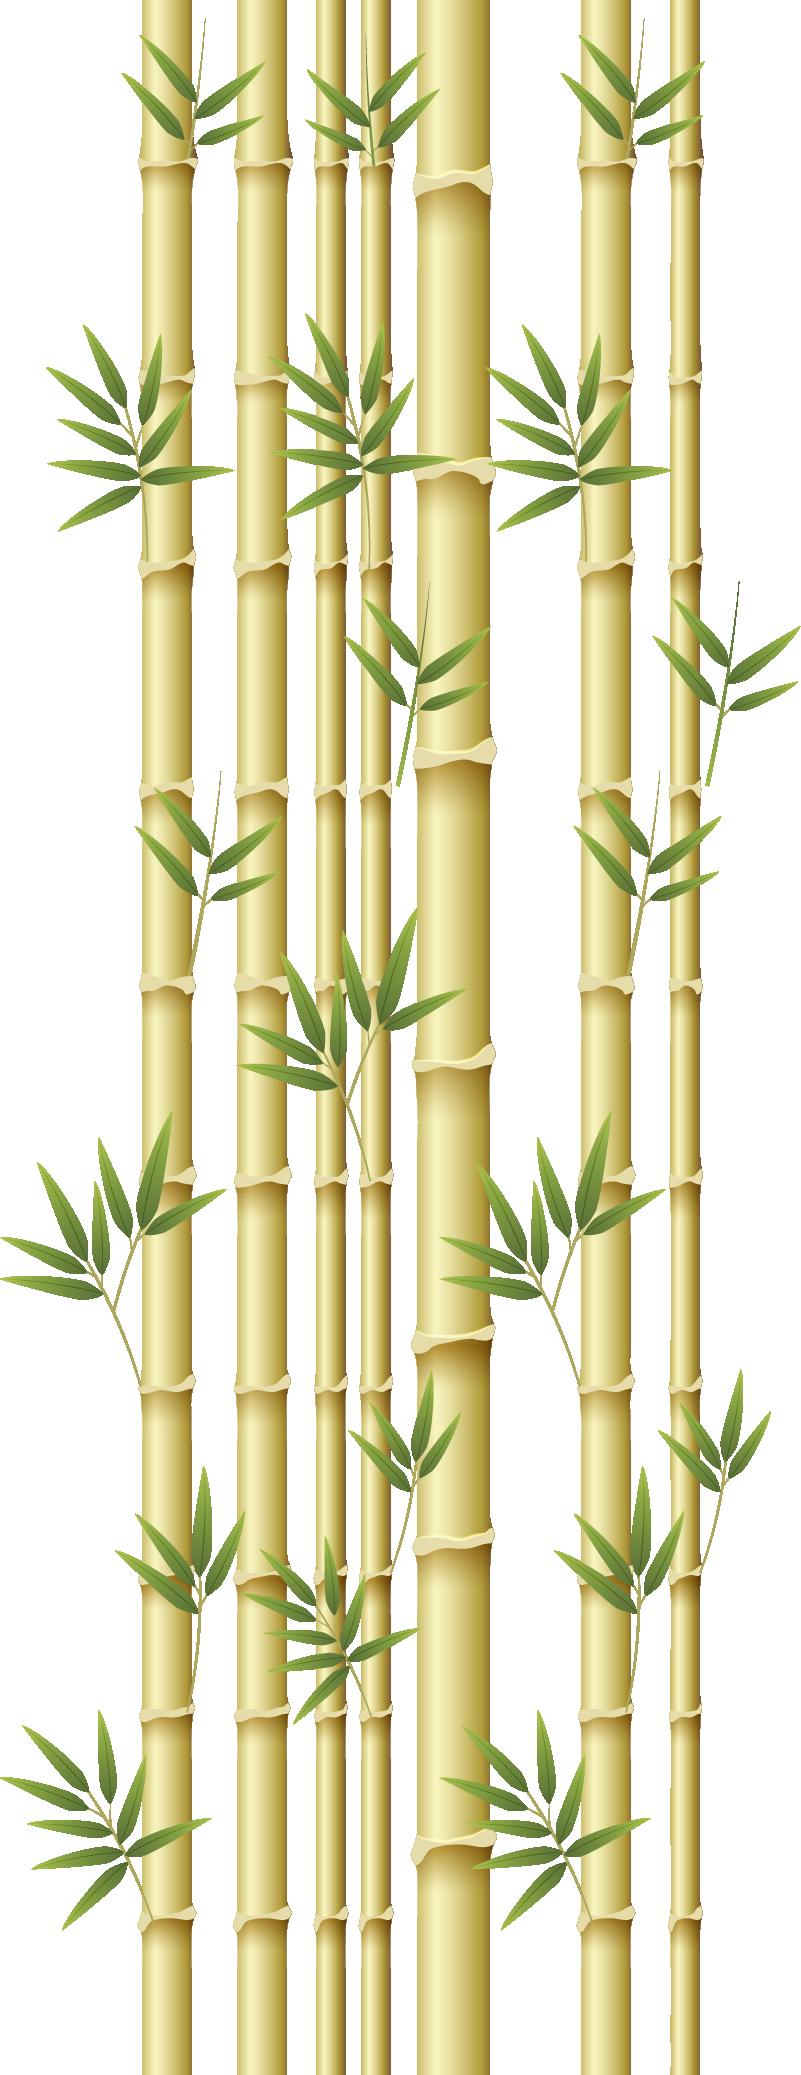 TenStickers. Sticker Maison Porte Bambou. Découvrez comment décorer votre maison ainsi que vos porte de manière originale avec notre sticker porte de bambou. Achat Sécurisé et Garantit.